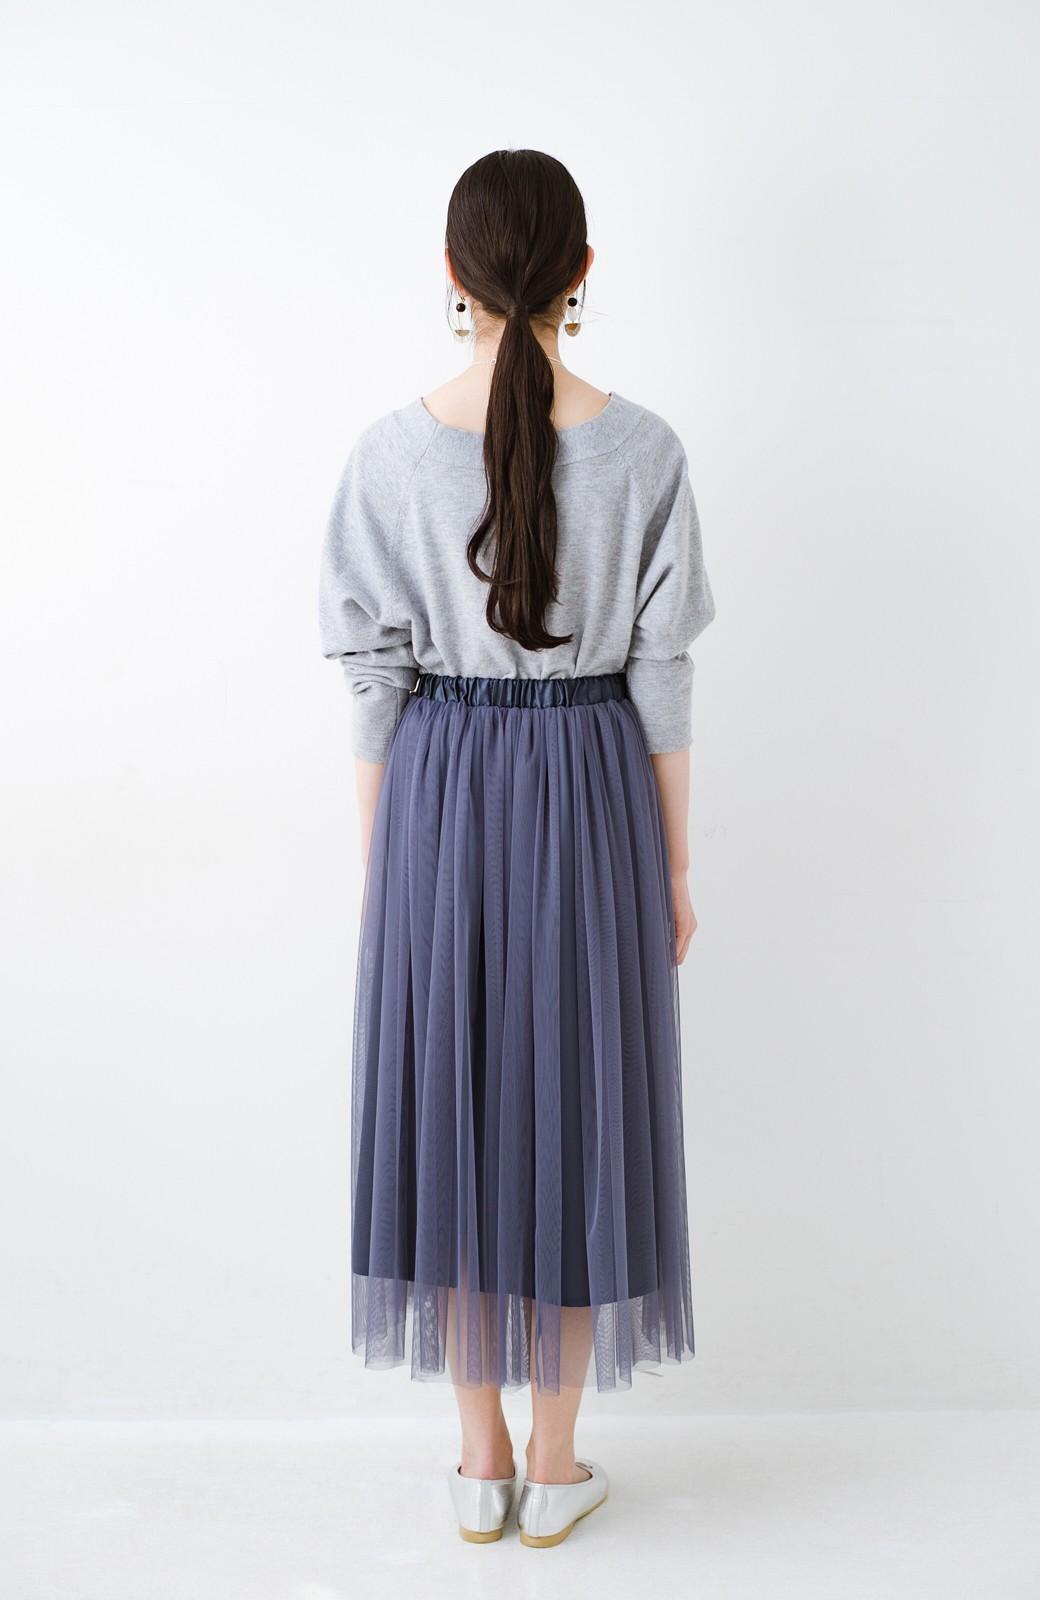 haco! 着るだけでルンとした気分になる! 長ーーい季節着られてずっと使えるオトナのためのチュールスカート <ネイビー>の商品写真16